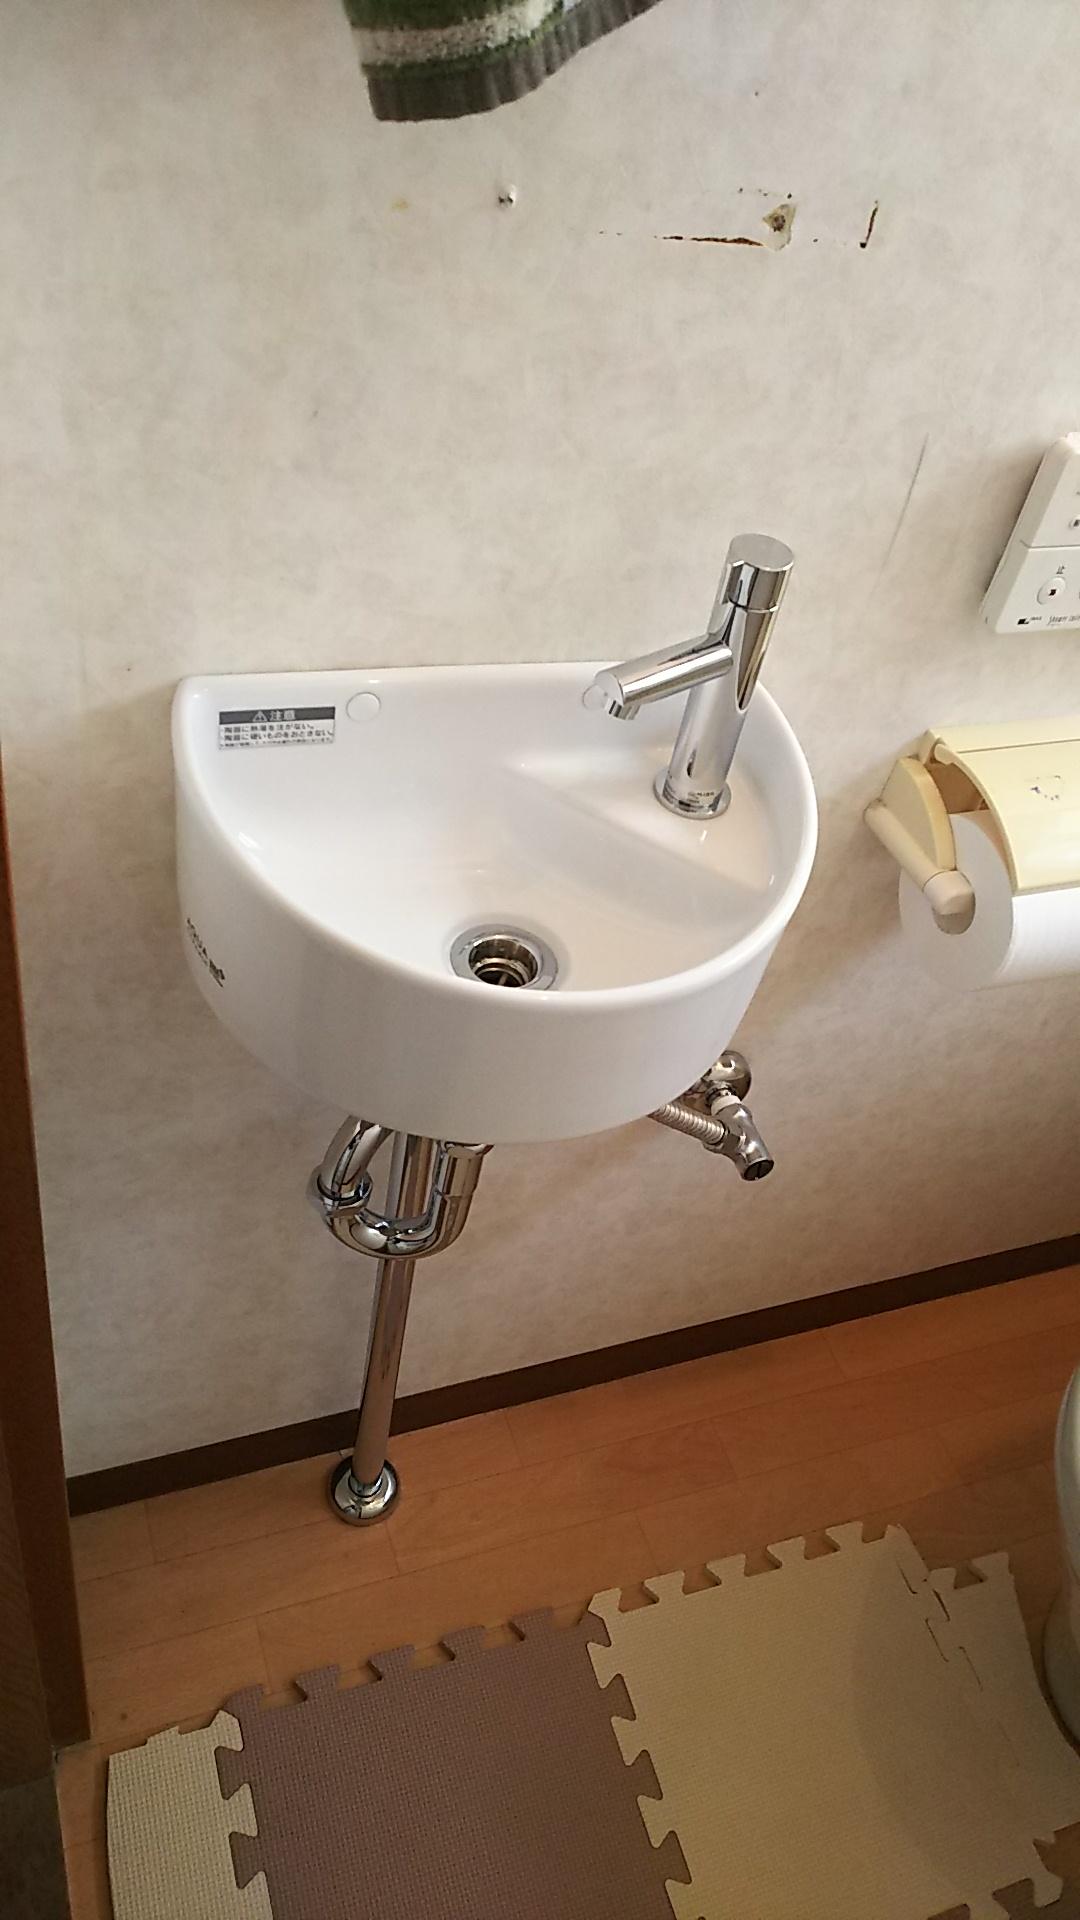 姫路市 トイレ手洗い器交換